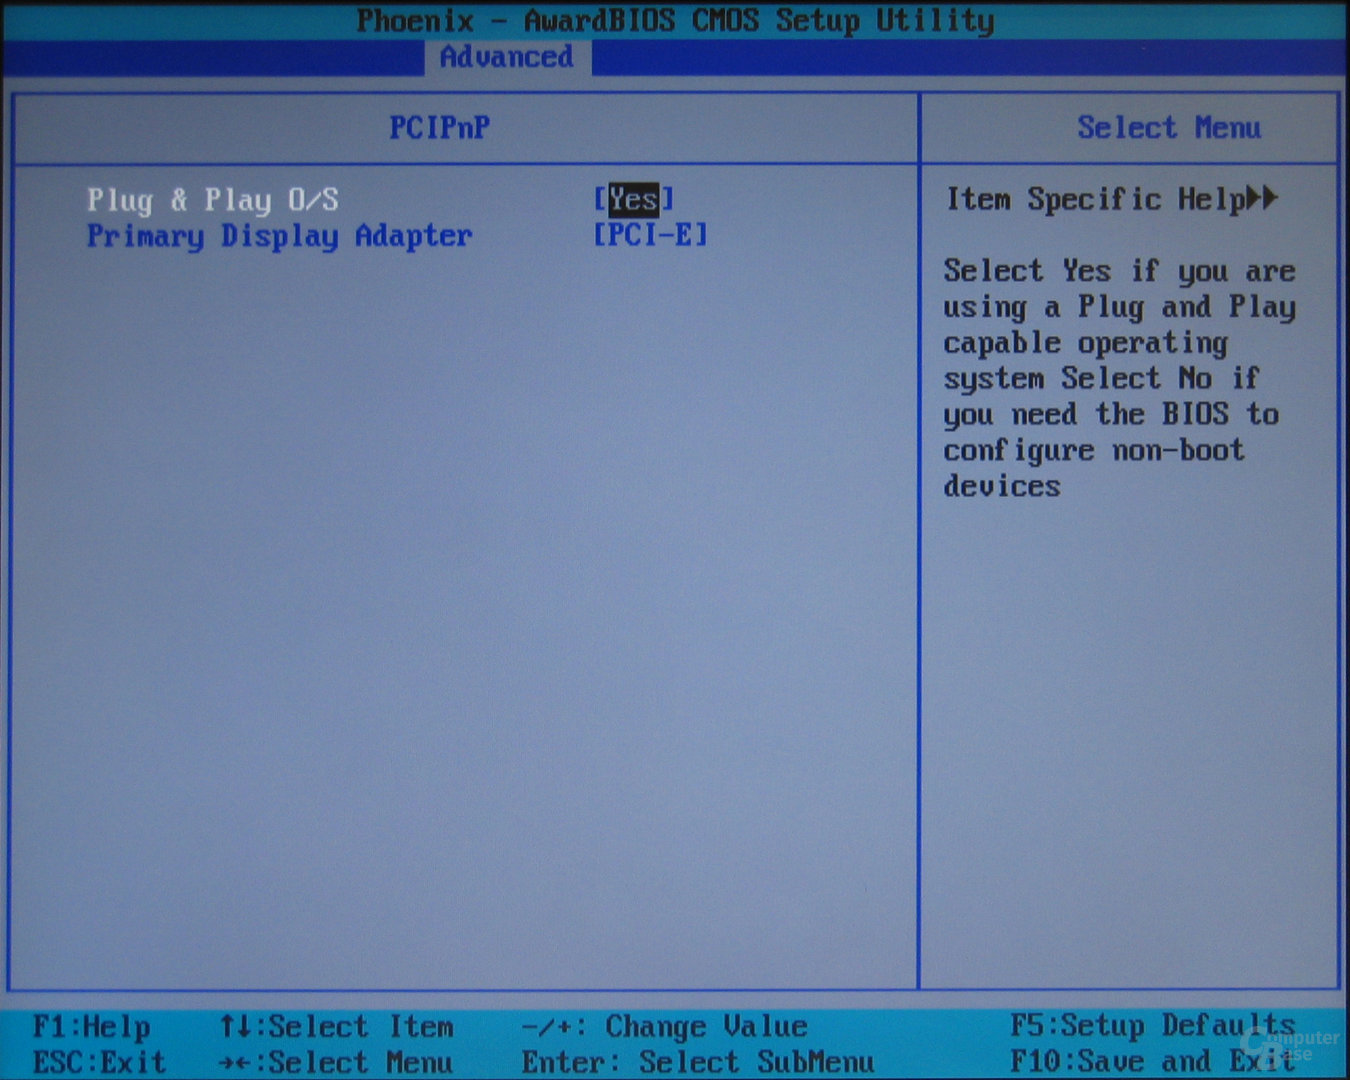 Asus P5N32-E SLI BIOS